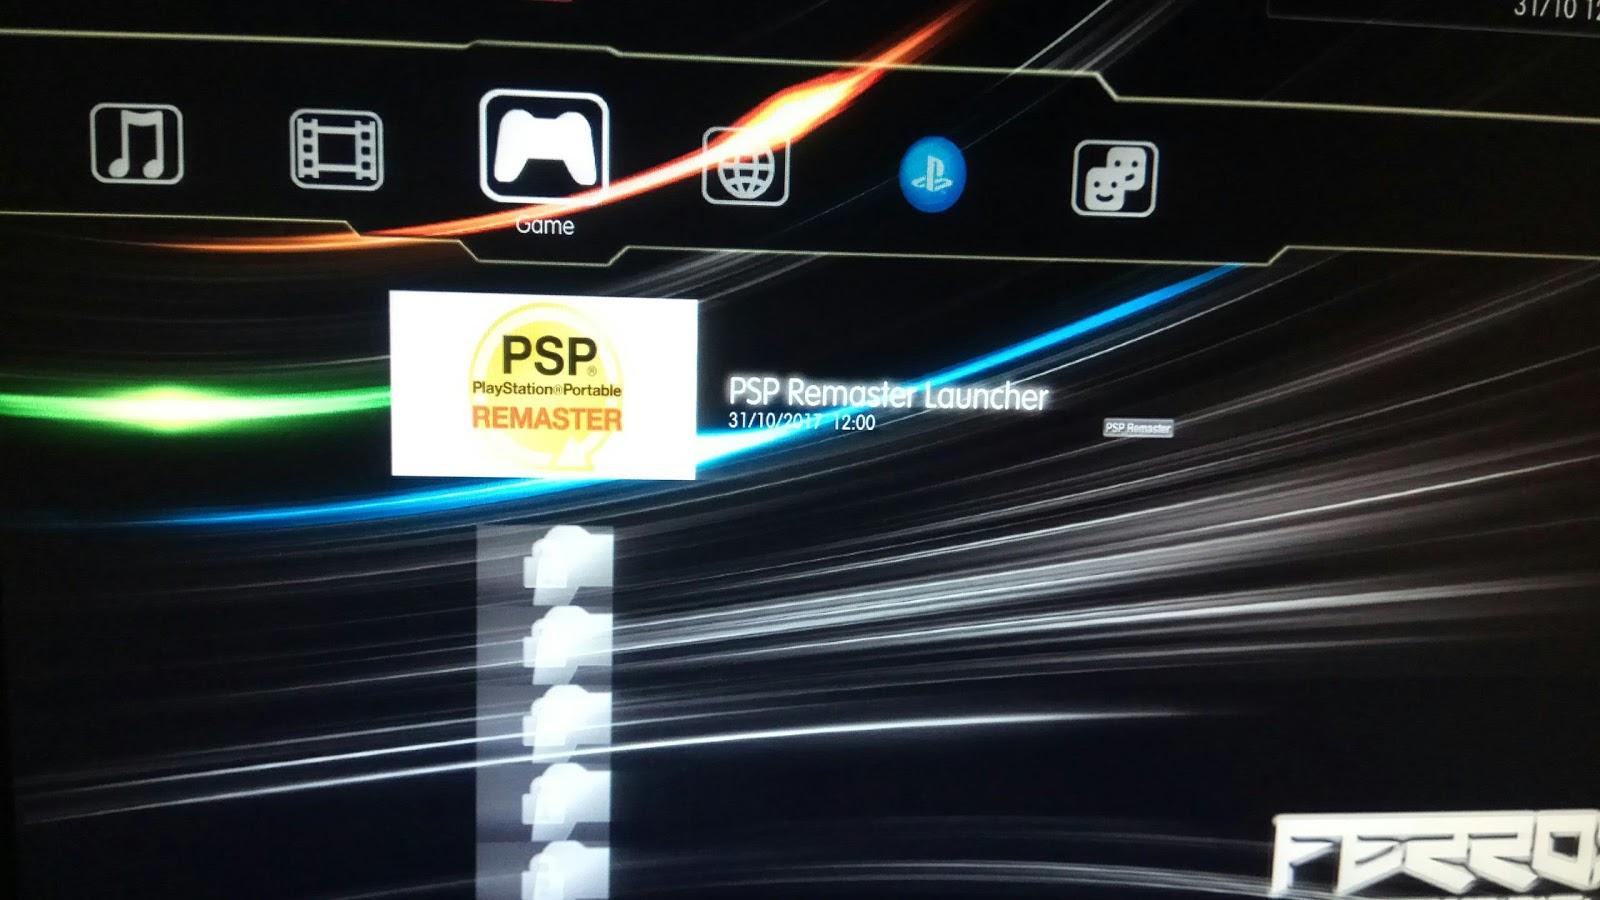 Psp Launcher Ps3